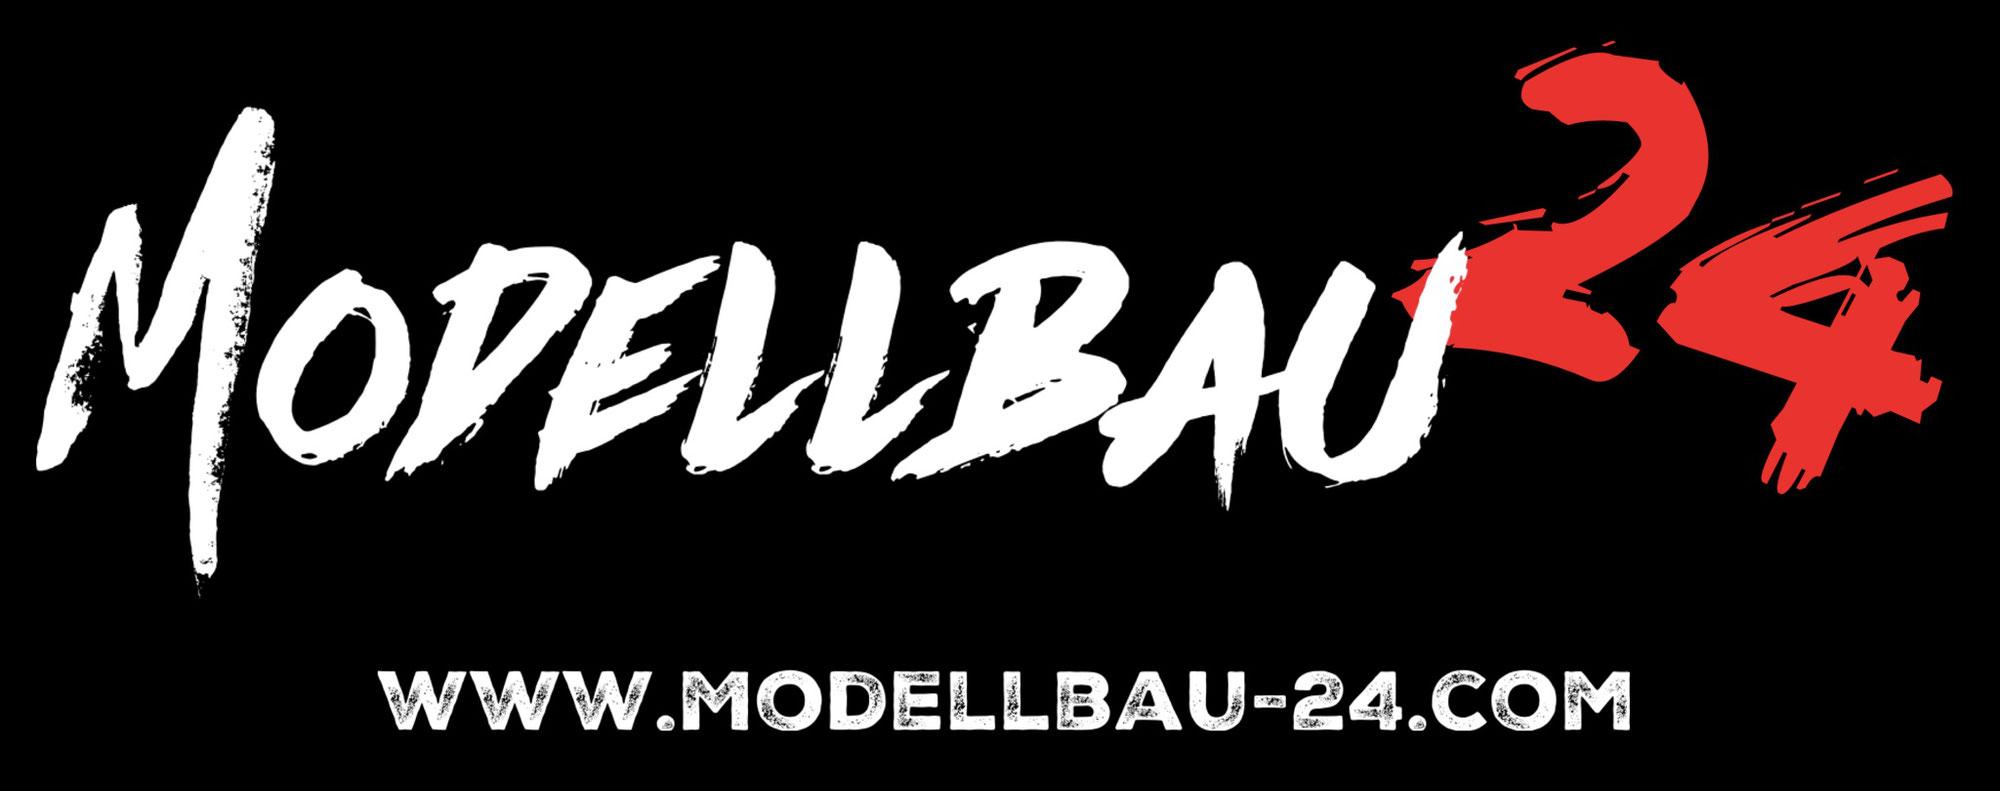 Modellbau-24 sponsert den MAC-Hamburg e.V.